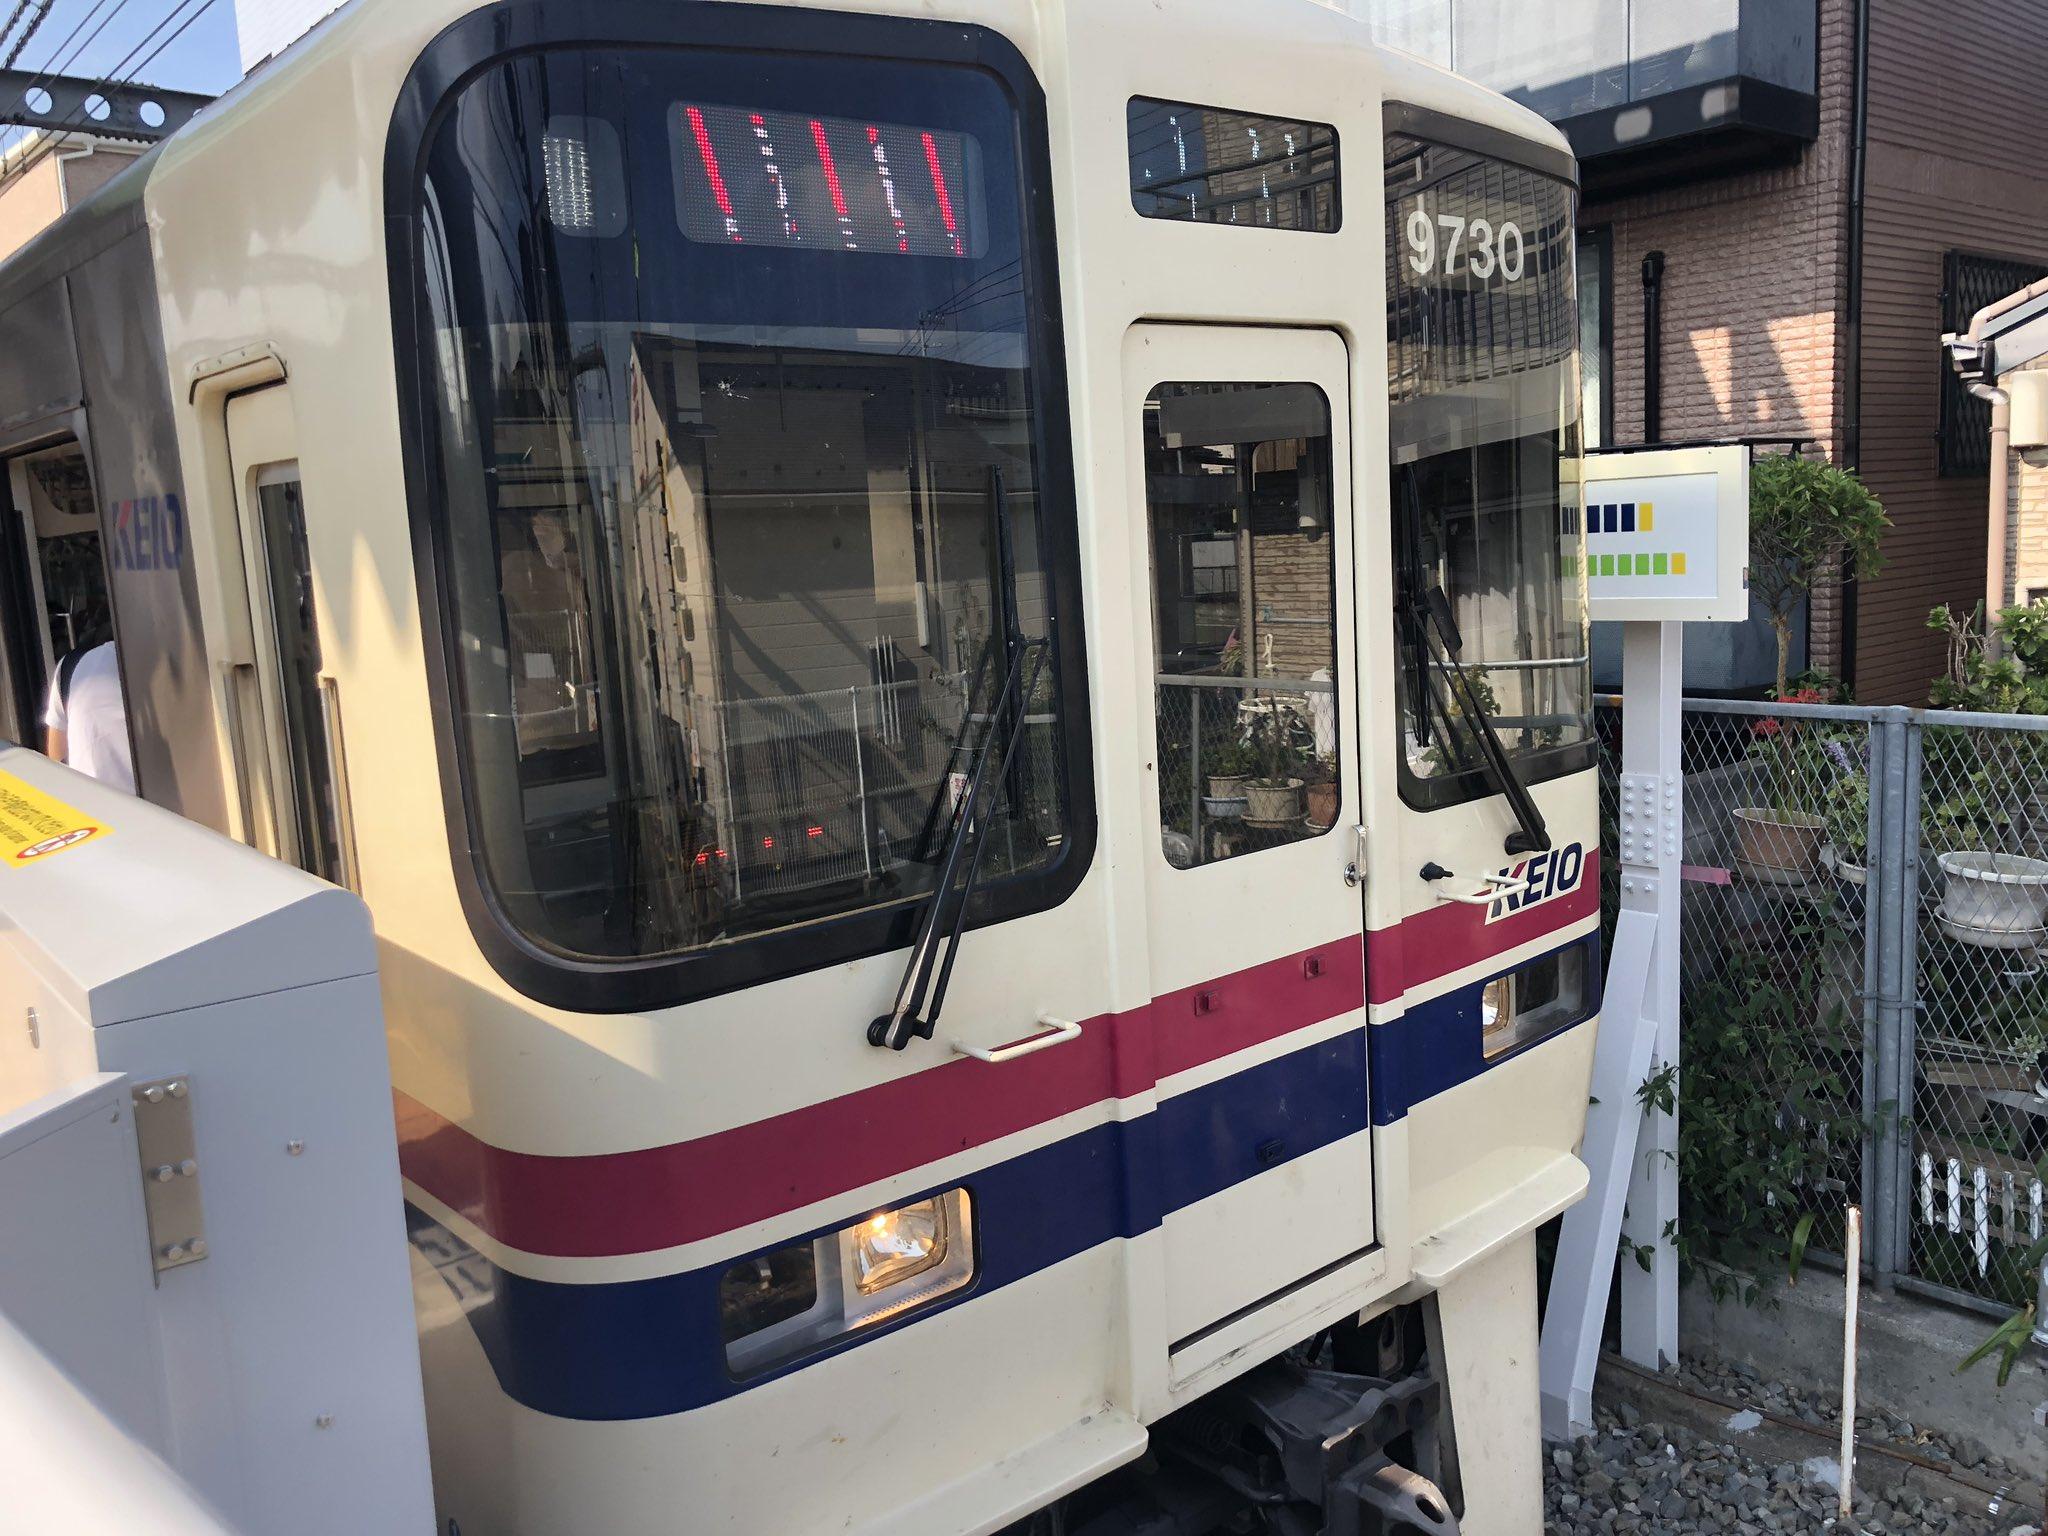 京王線の国領駅~柴崎駅間で人身事故が発生し電車が運転を見合わせている現場の画像